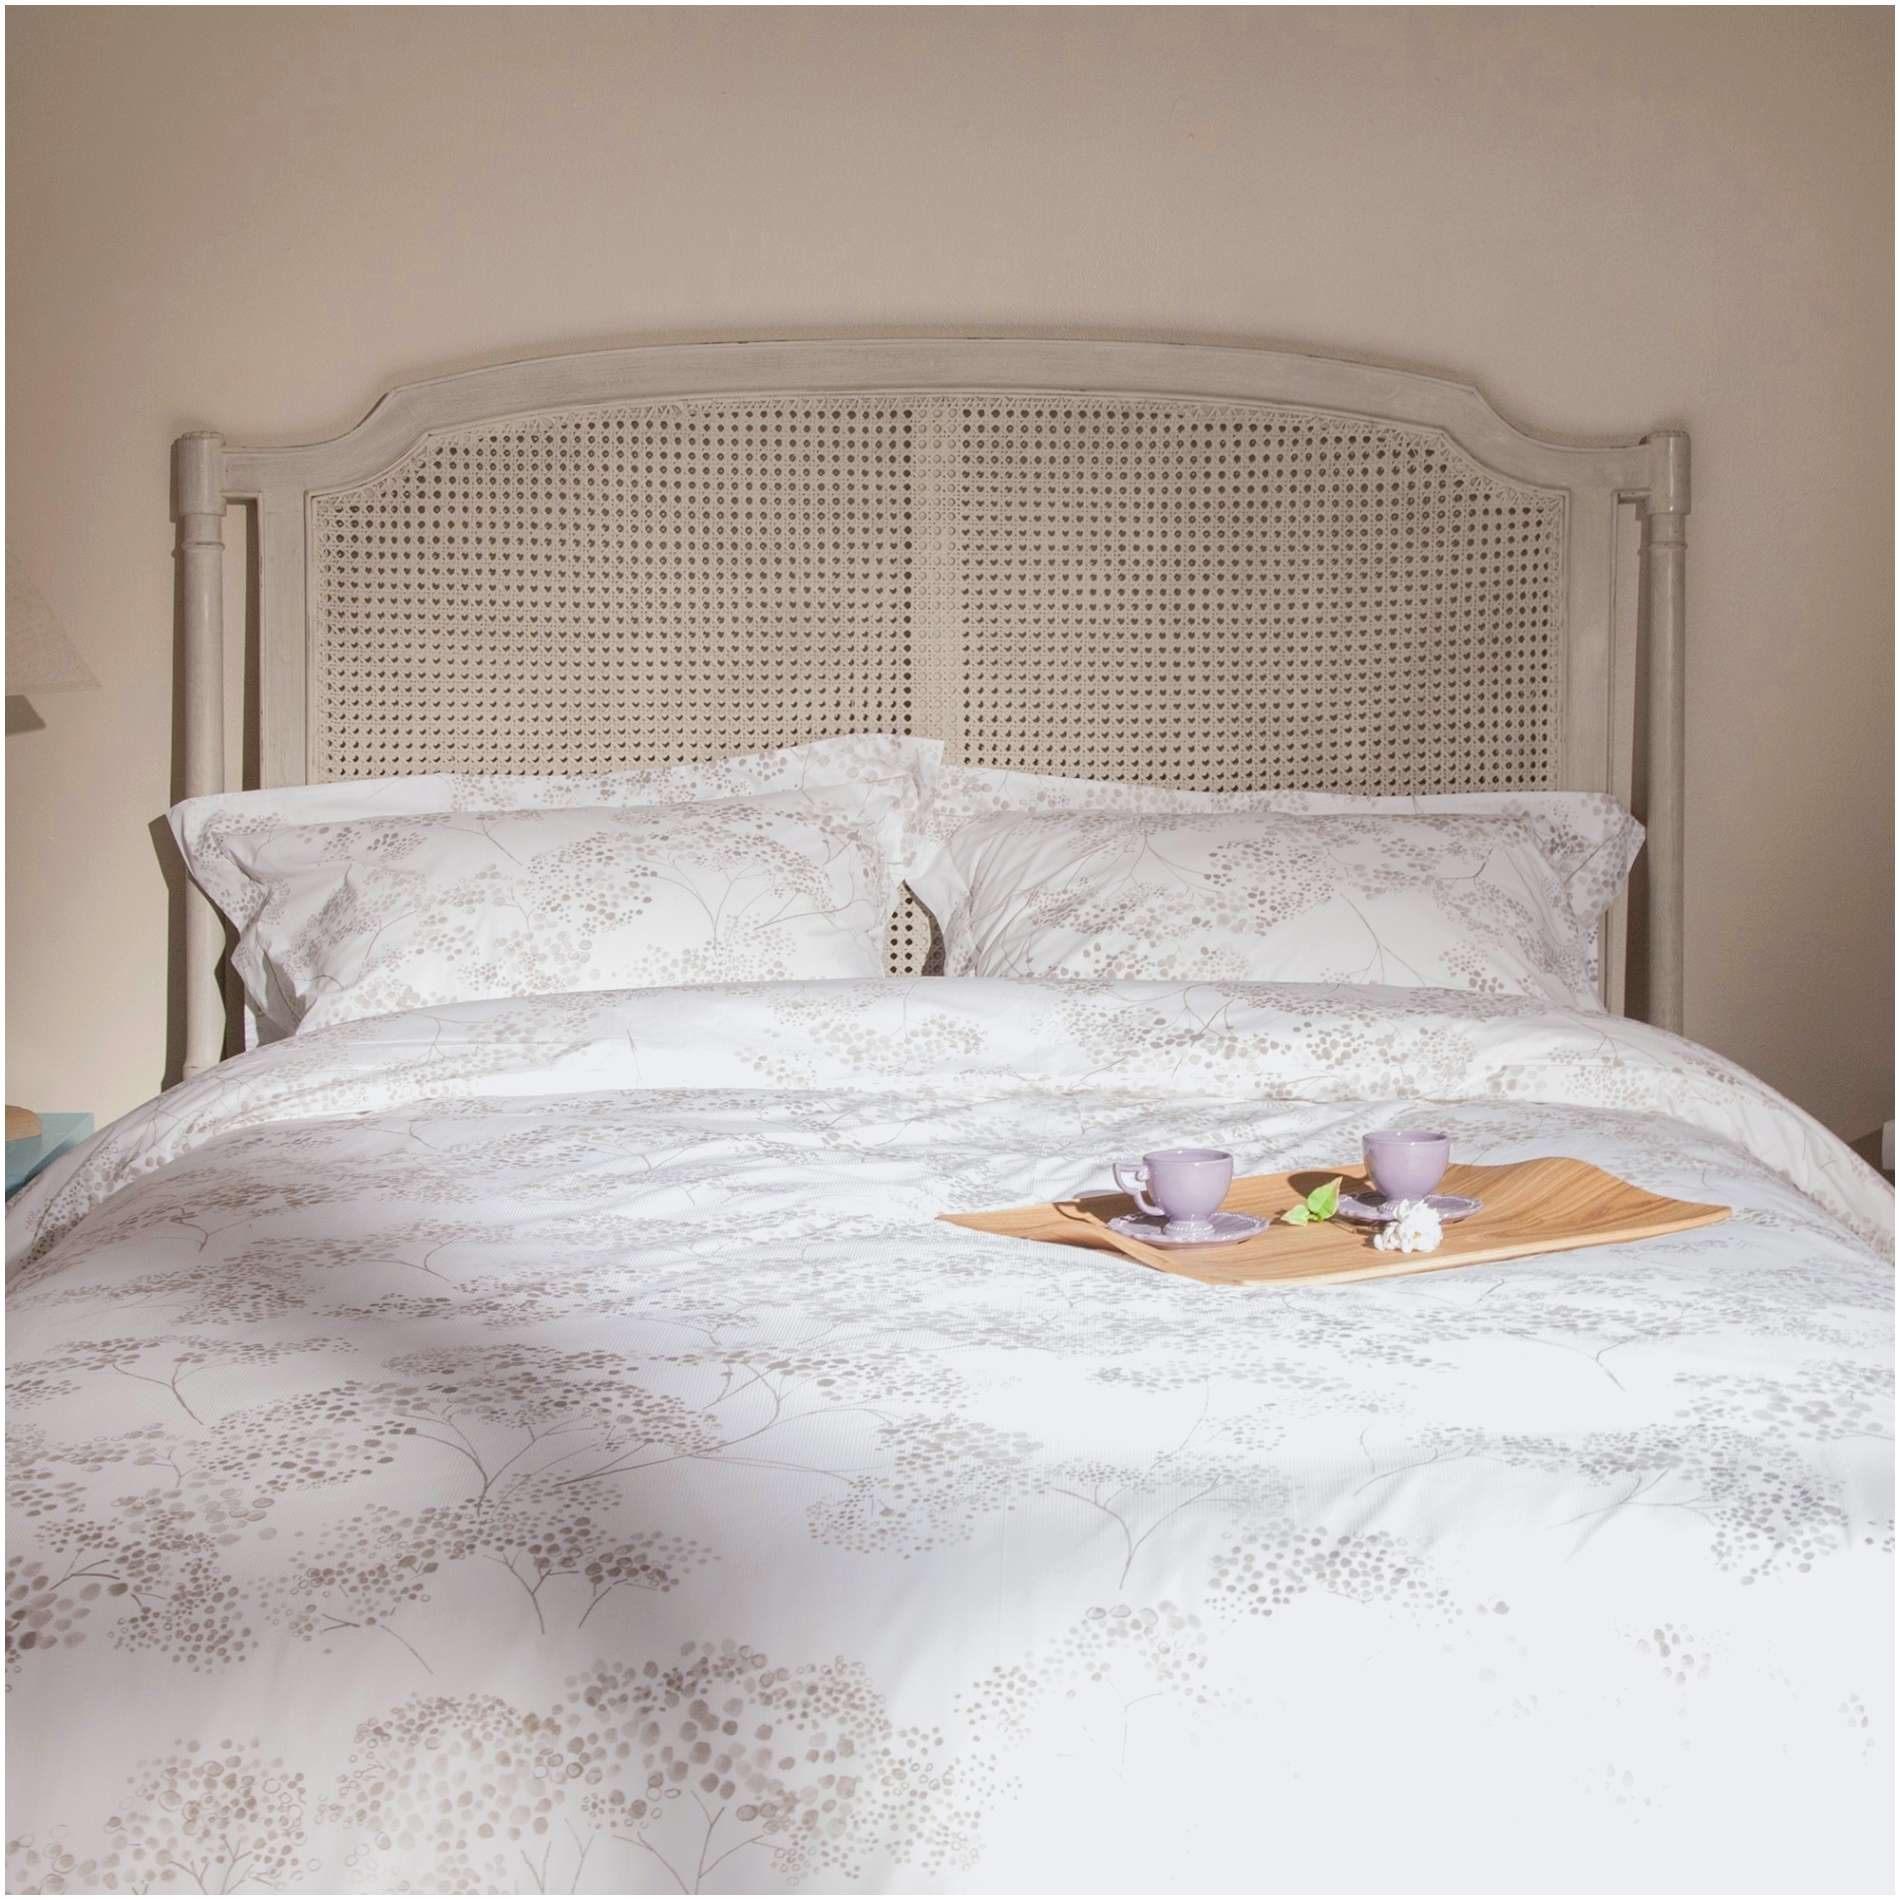 Tissu Pour Tete De Lit Impressionnant Beau sove Deco Tete De Lit — sovedis Aquatabs Pour Option Tete De